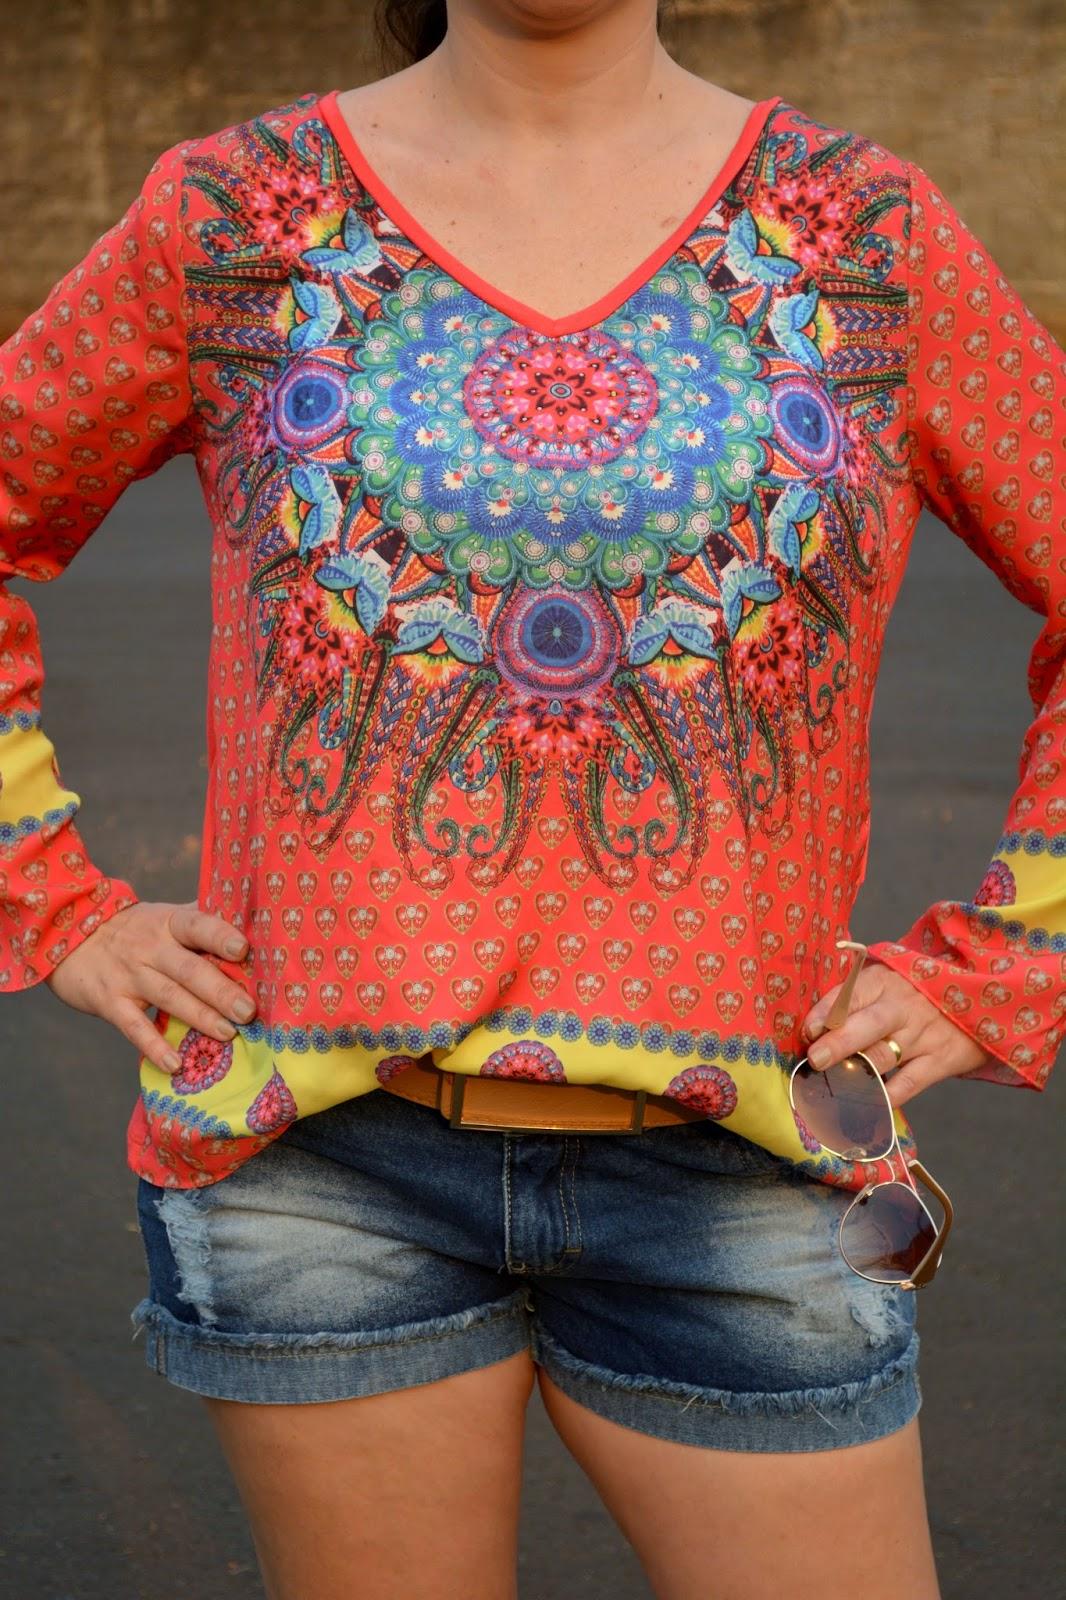 bata estampada, jeans destroyed, moda anos 70, moda anos 70 como usar, moda hippie, hippie chic, lalilu modas, blog camila andrade, blog de moda de ribeirão preto, look do dia